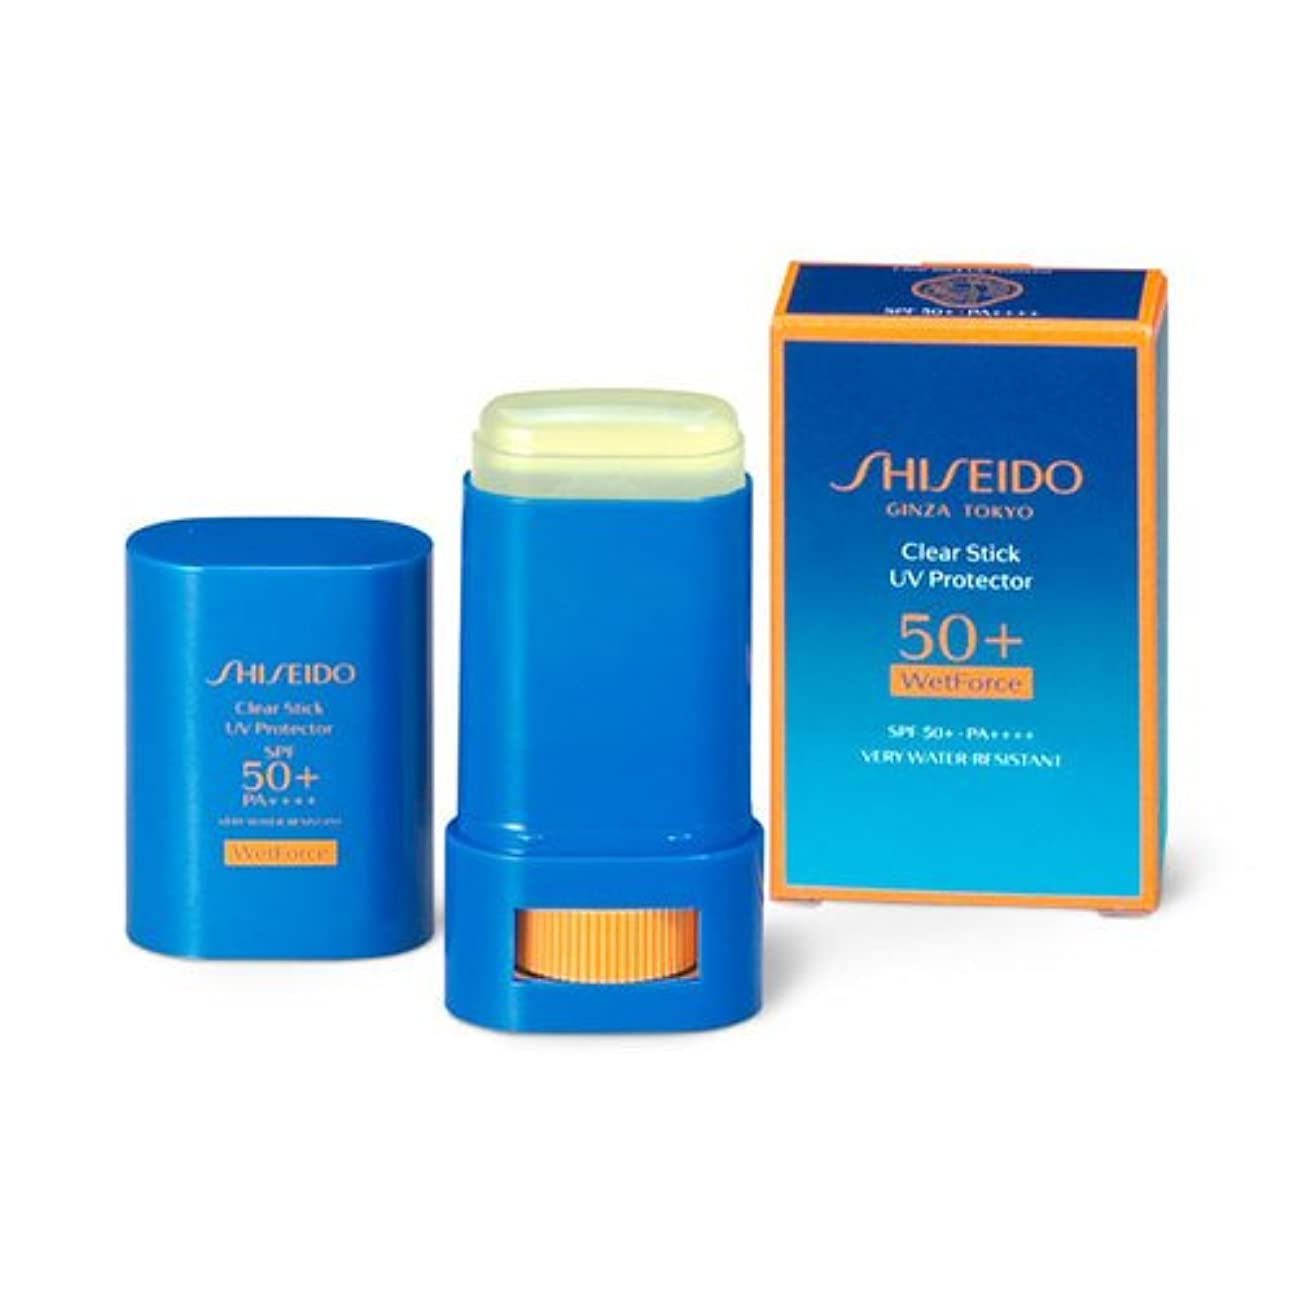 長々と捧げる線形SHISEIDO Suncare(資生堂 サンケア) SHISEIDO(資生堂) クリアスティック UVプロテクター 15g